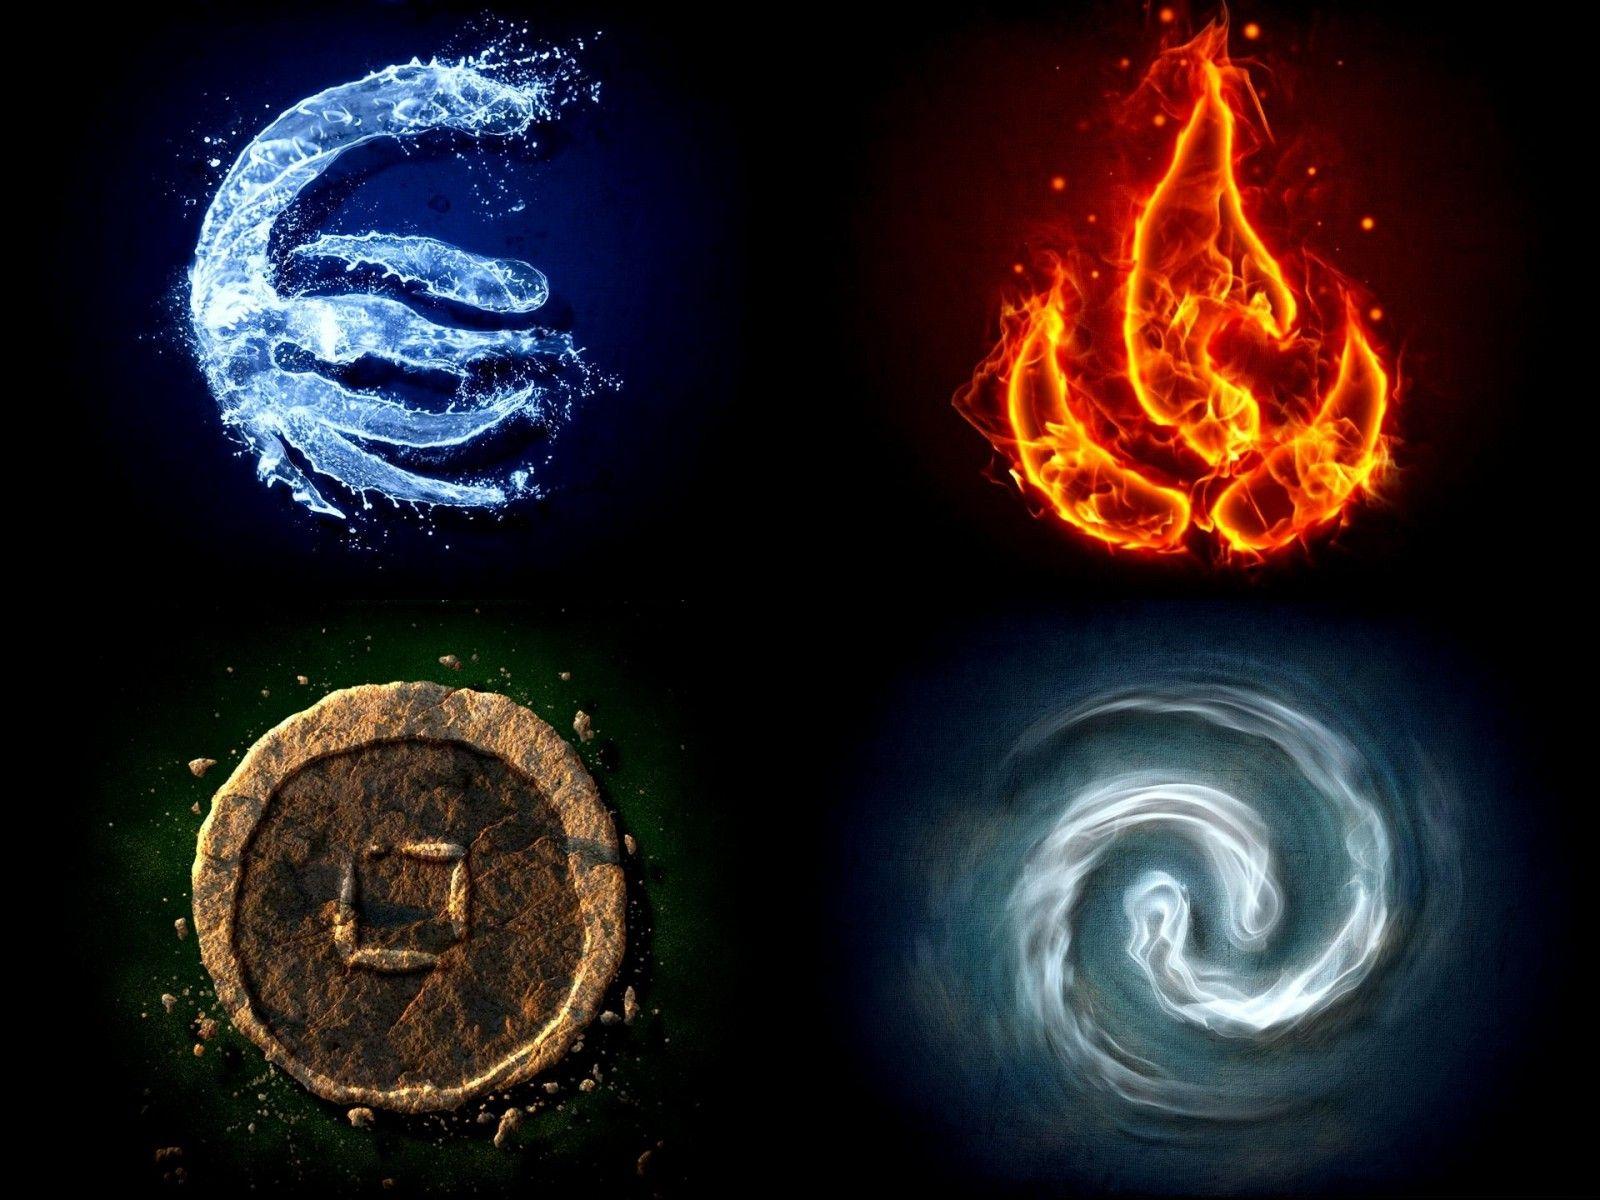 les 4 l ments avatar les 4 l ments pinterest earth air fire water element symbols et. Black Bedroom Furniture Sets. Home Design Ideas